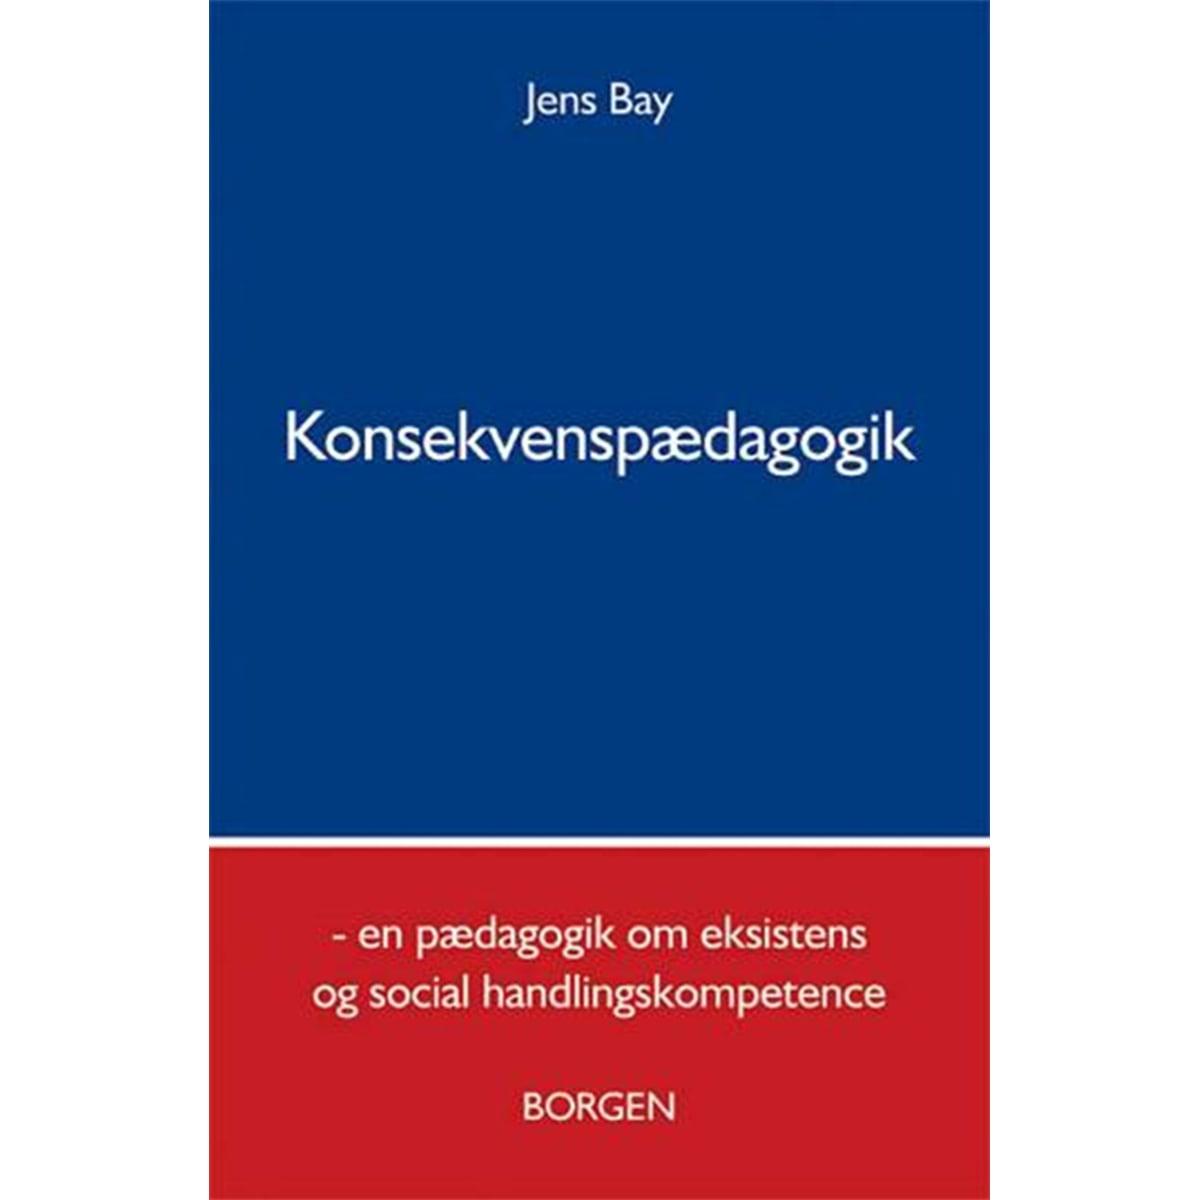 Af Jens Bay